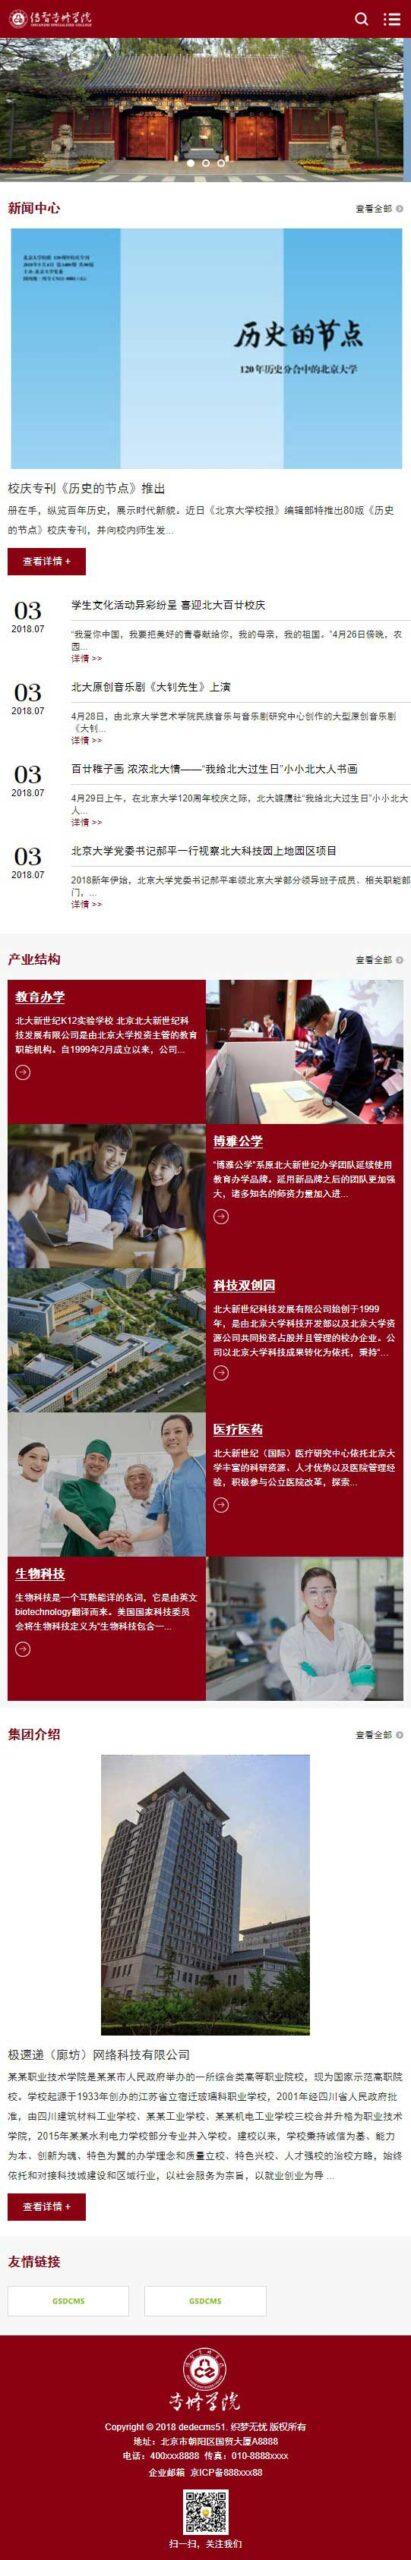 织梦红色学校网站dede模板源码[自适应手机端]插图1